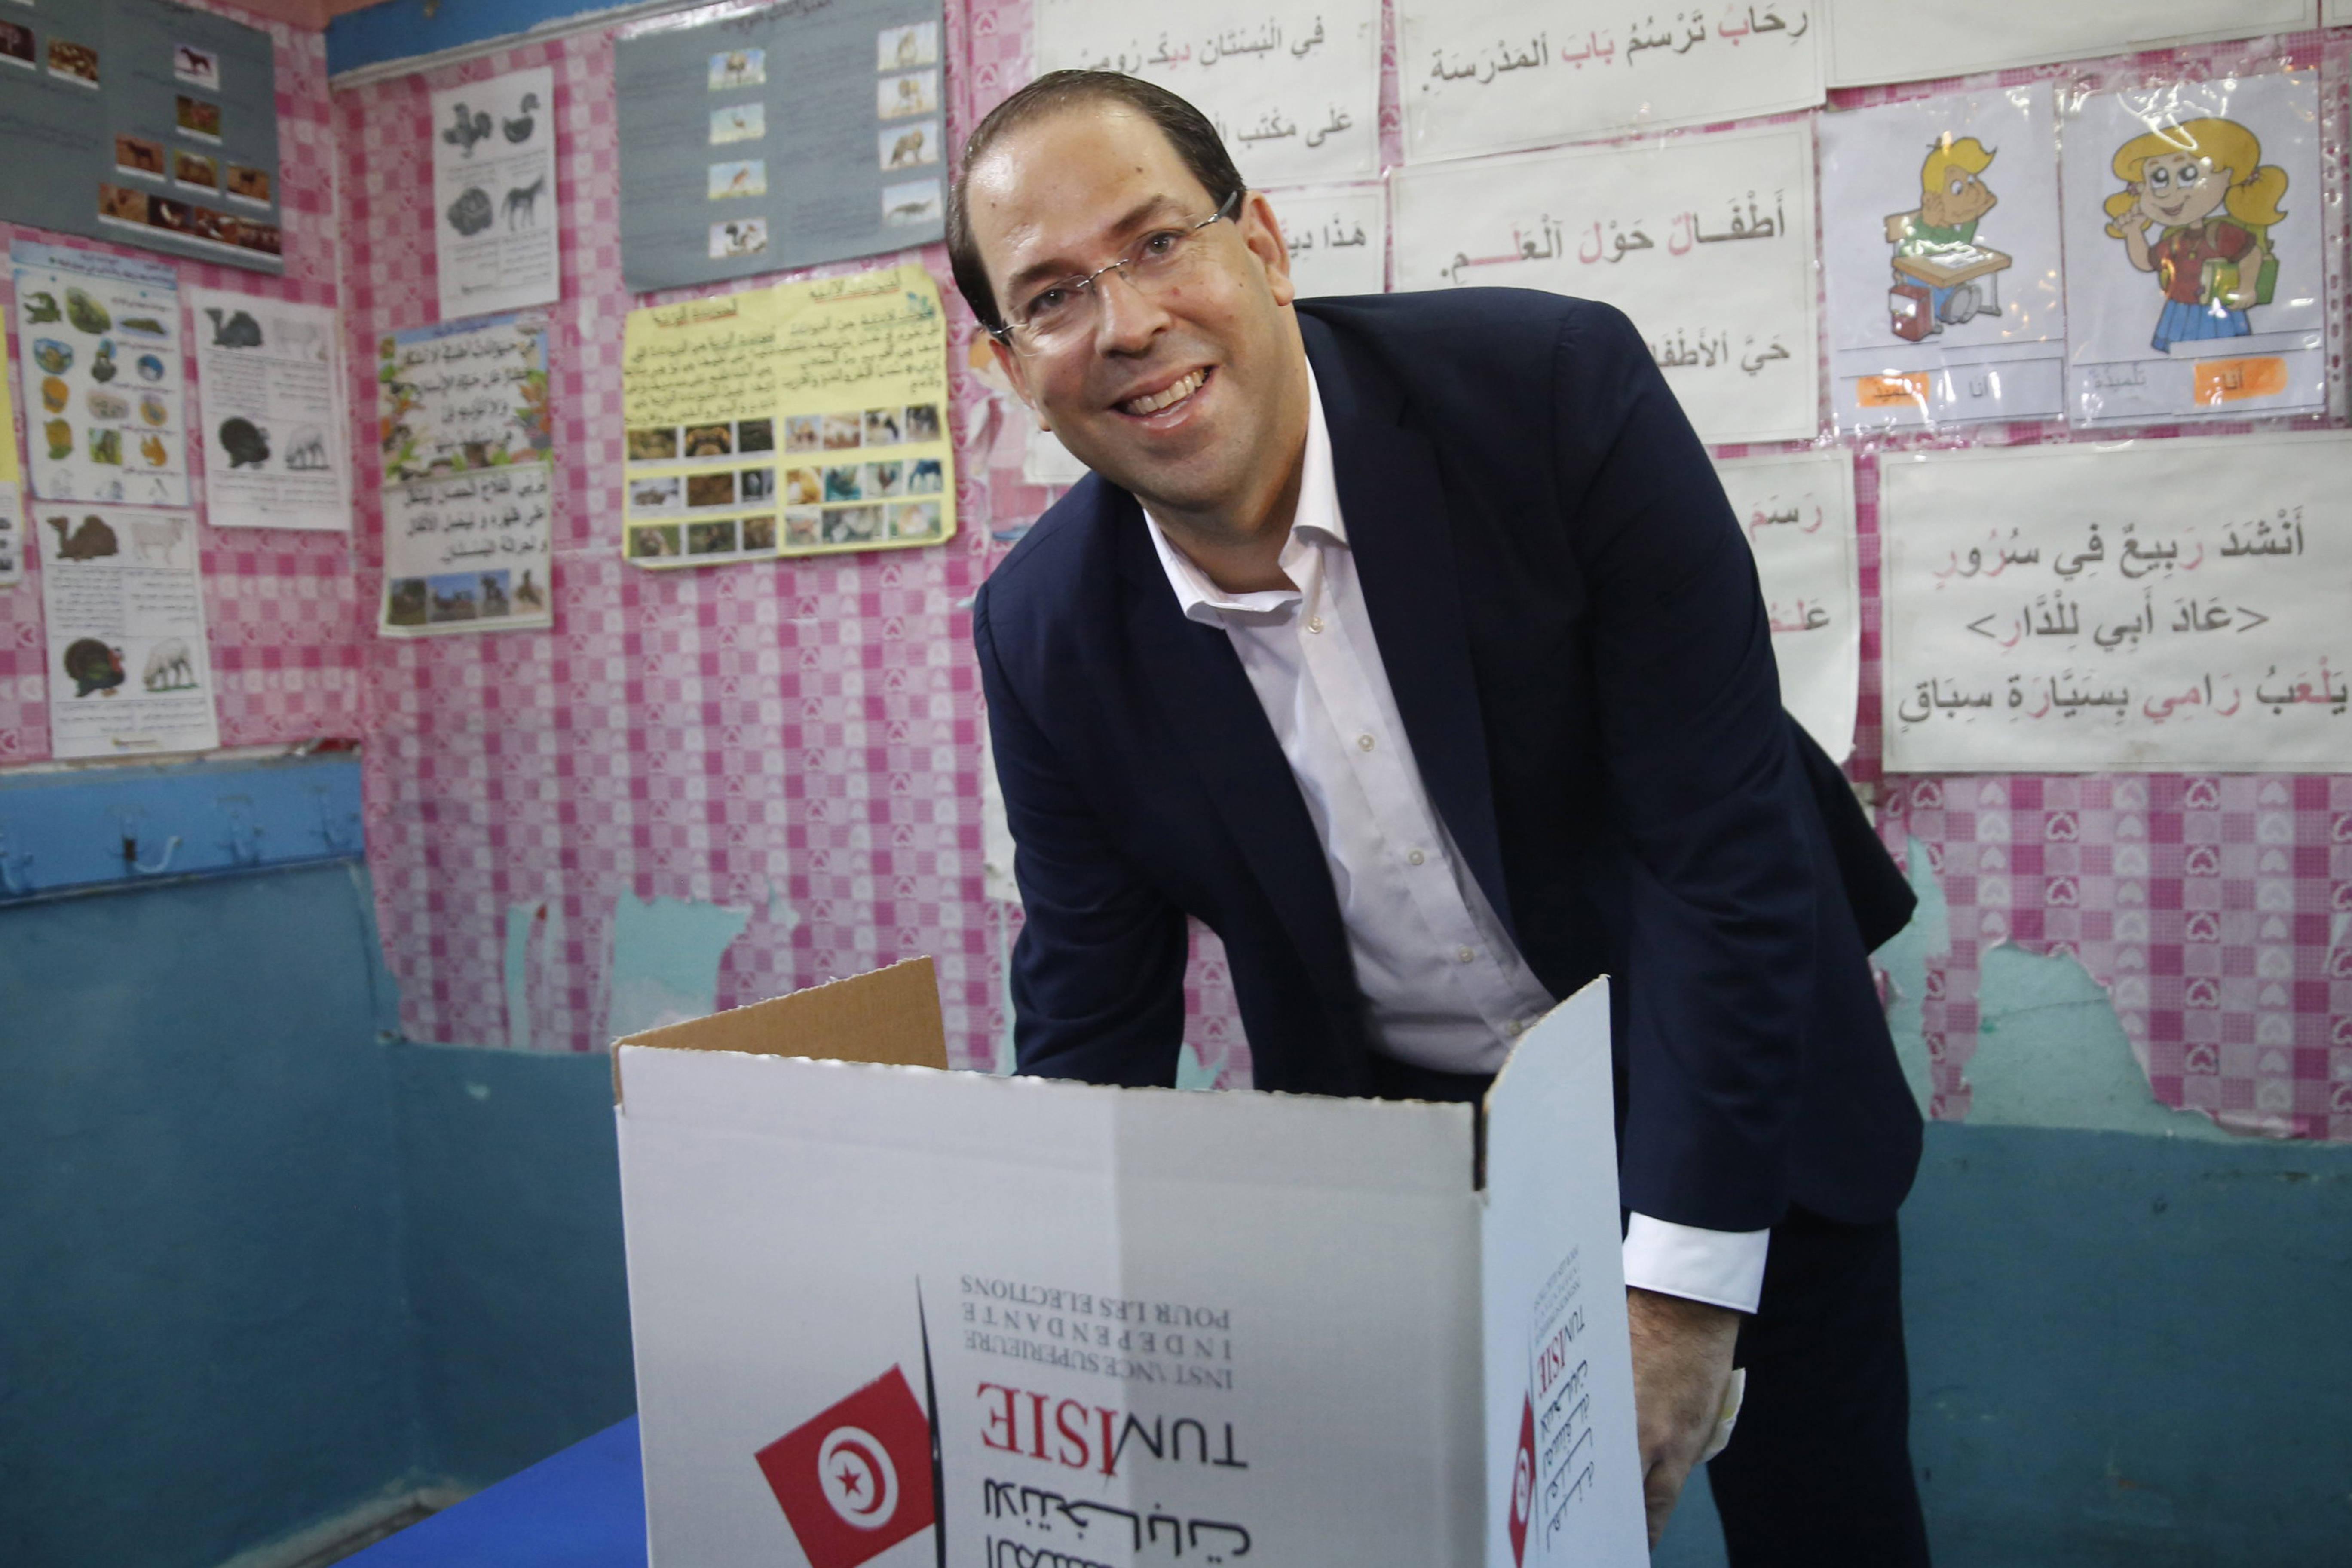 Youssef Chahed, le chef du gouvernement sortant, dans un isoloir à La Marsa, à l'occasion du premier tour de l'élection présidentielle, dimanche 15 septembre 2019.